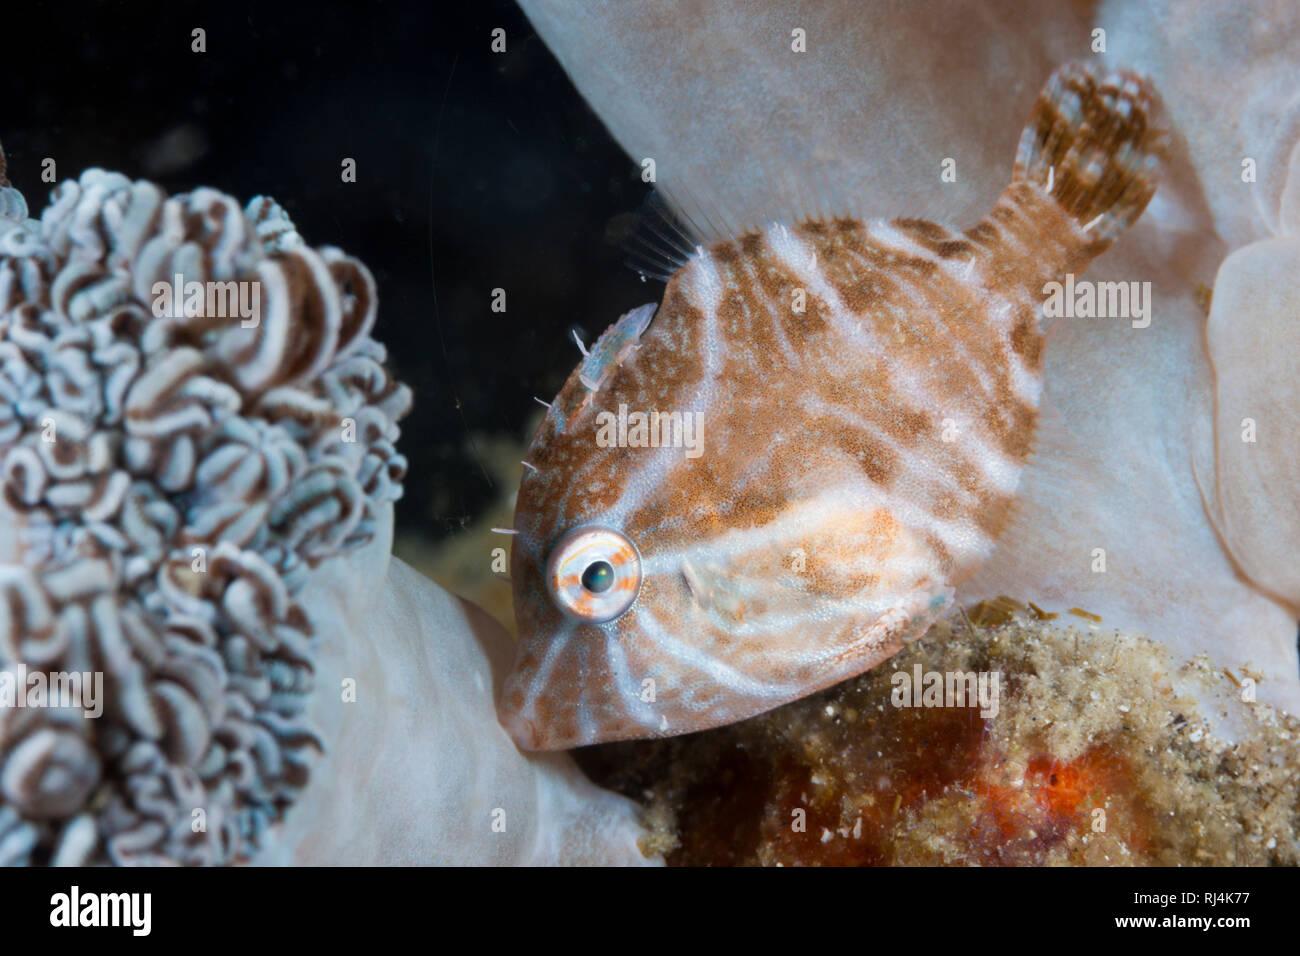 Radial-Feilenfisch, Acreichthys radiatus, Komodo Nationalpark, Indonesien Stockbild